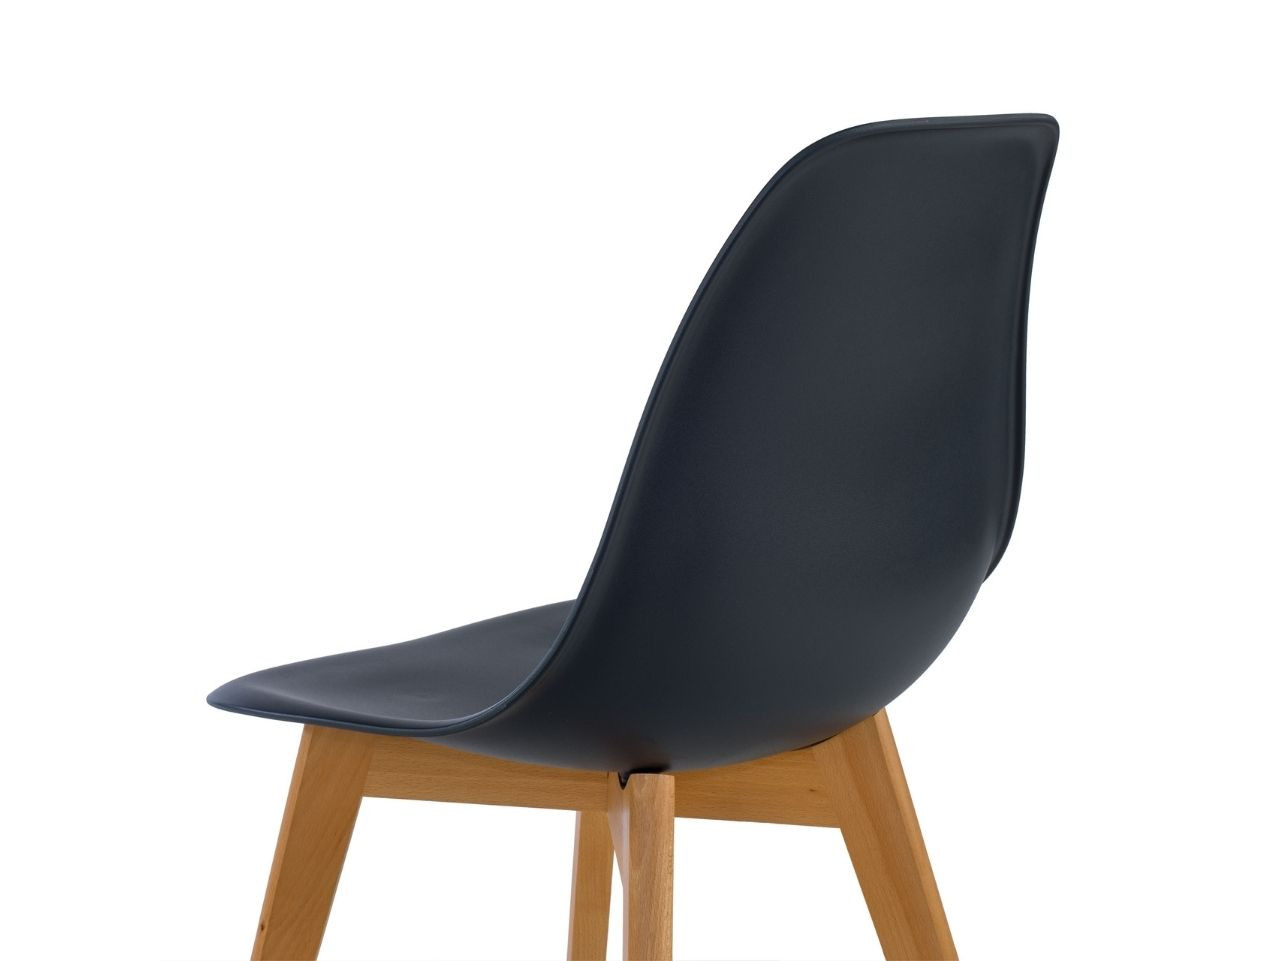 dormitorios de matrimonio y dormitorios baratos, modernos - dicoro